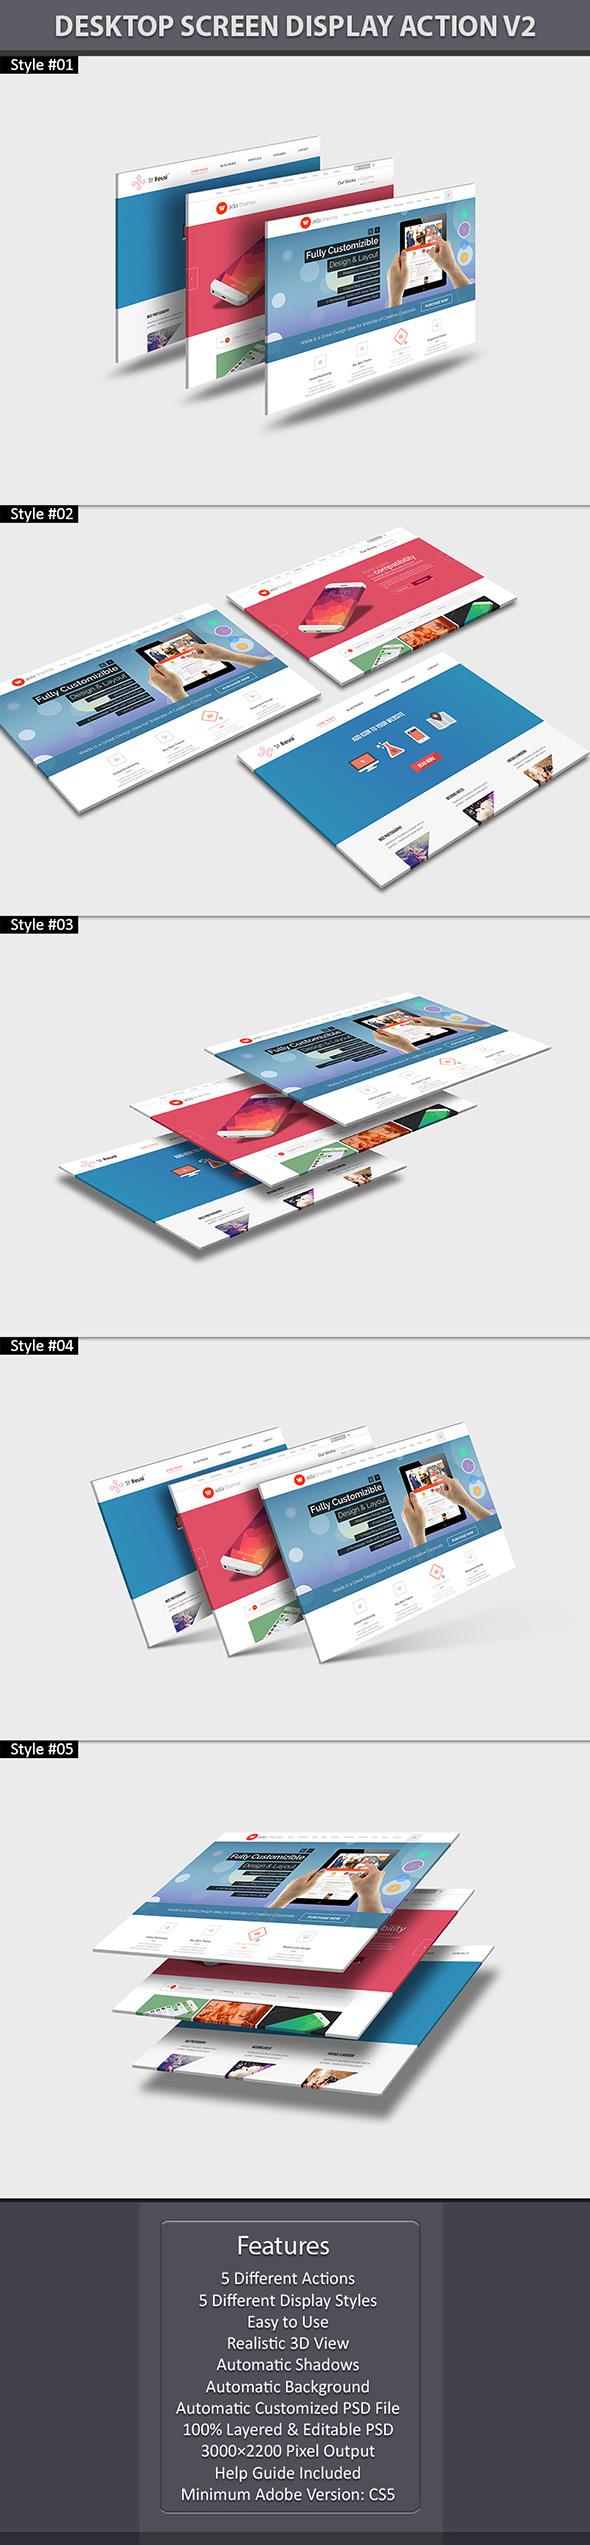 Desktop Screen Display Action V2 - Utilities Actions